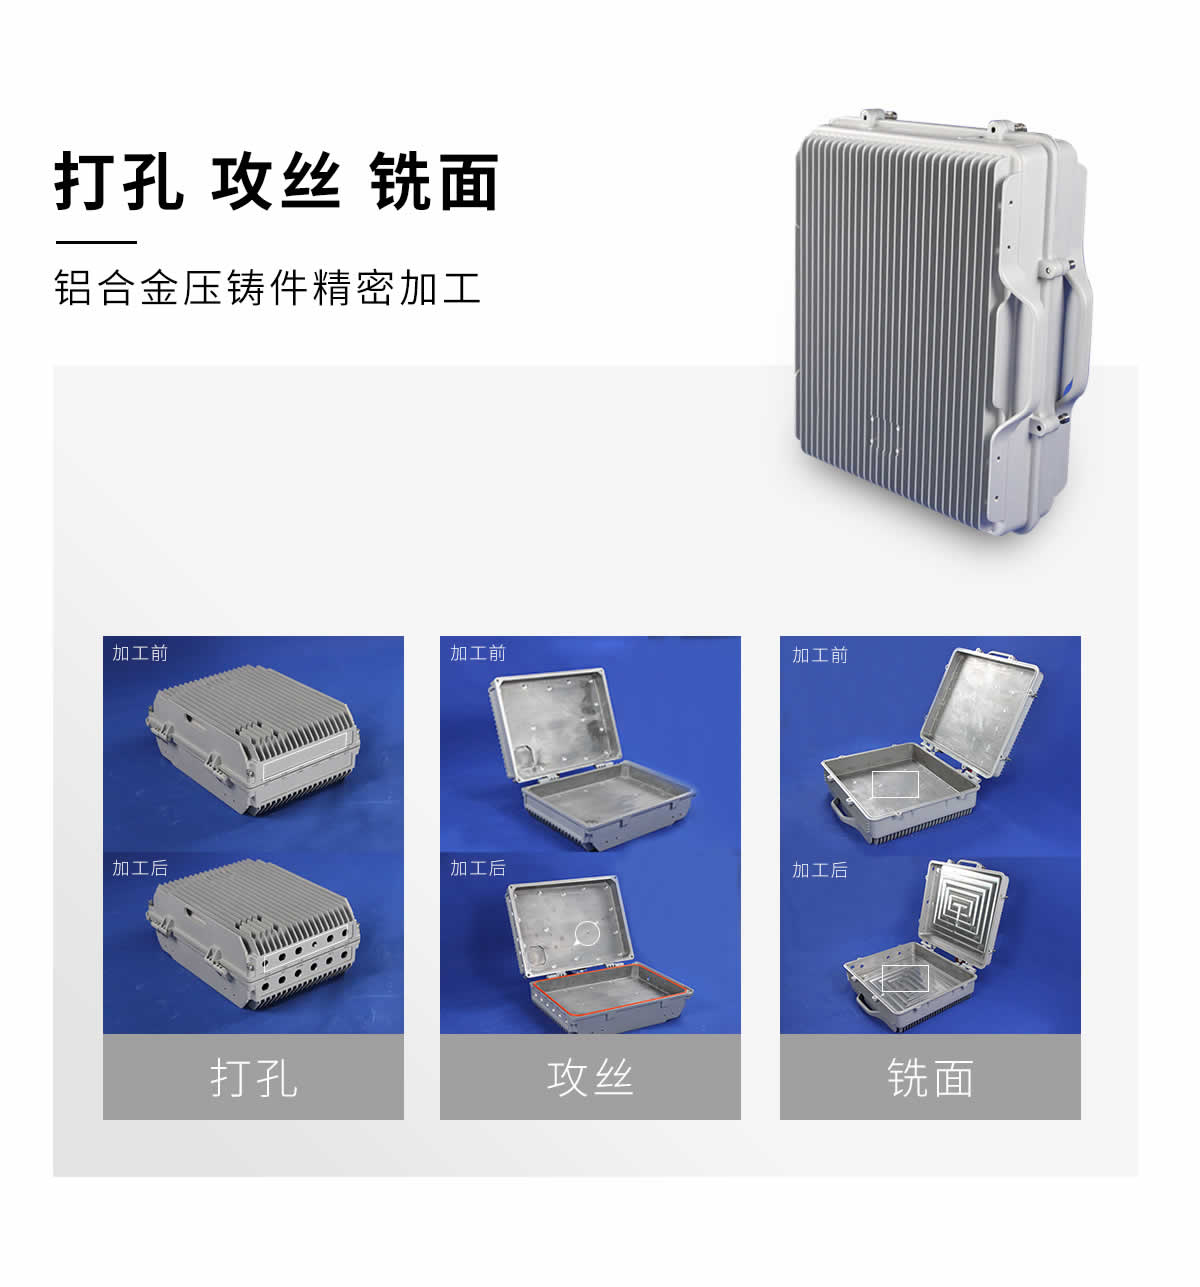 铸铝通信机箱CNC精密加工:打孔、攻丝、铣面